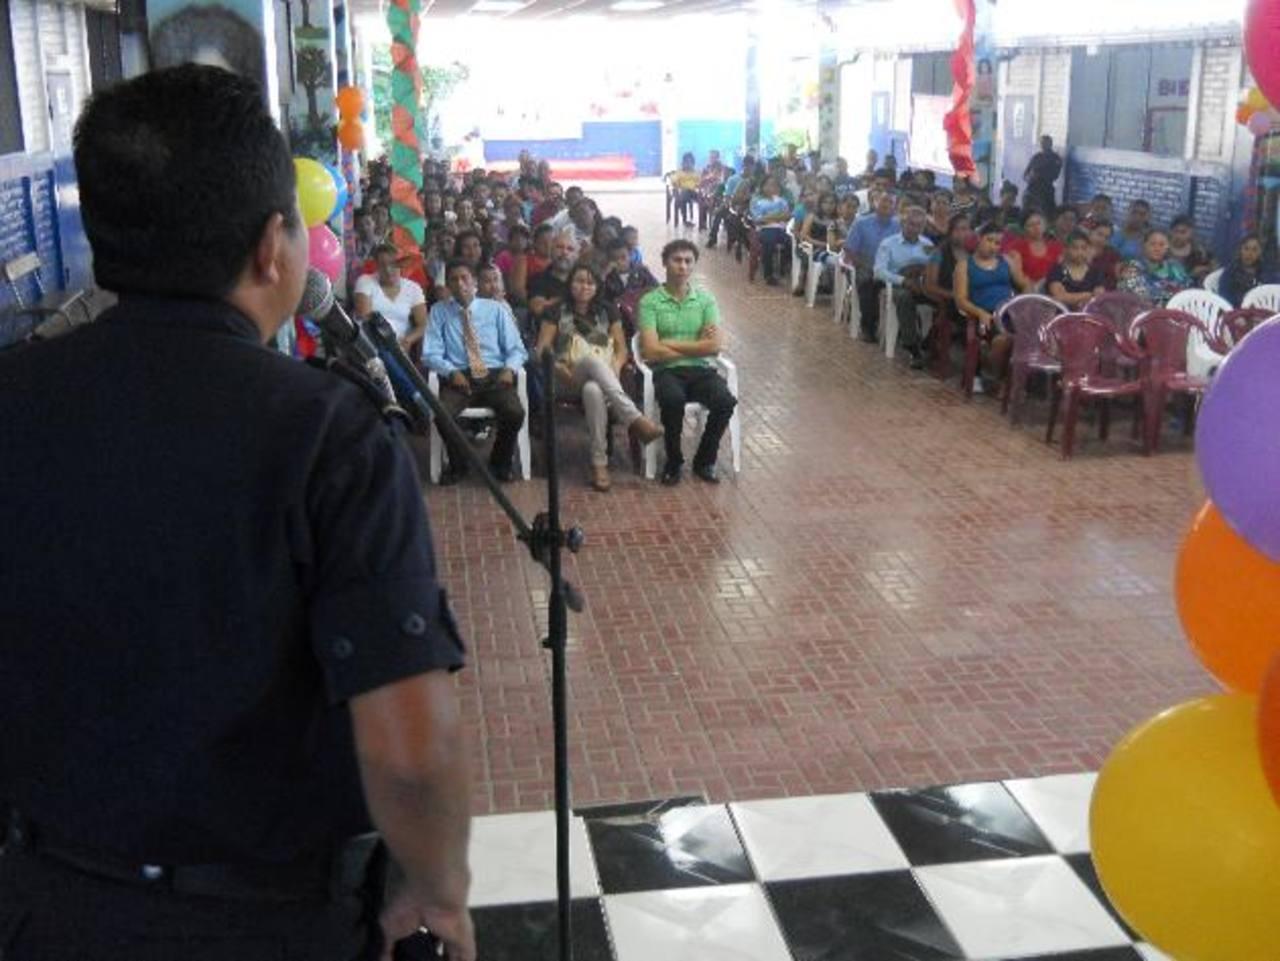 Acto de inauguración de los cursos de verano, en el centro escolar Fernando Portillo. Foto EDH /Cortesía.